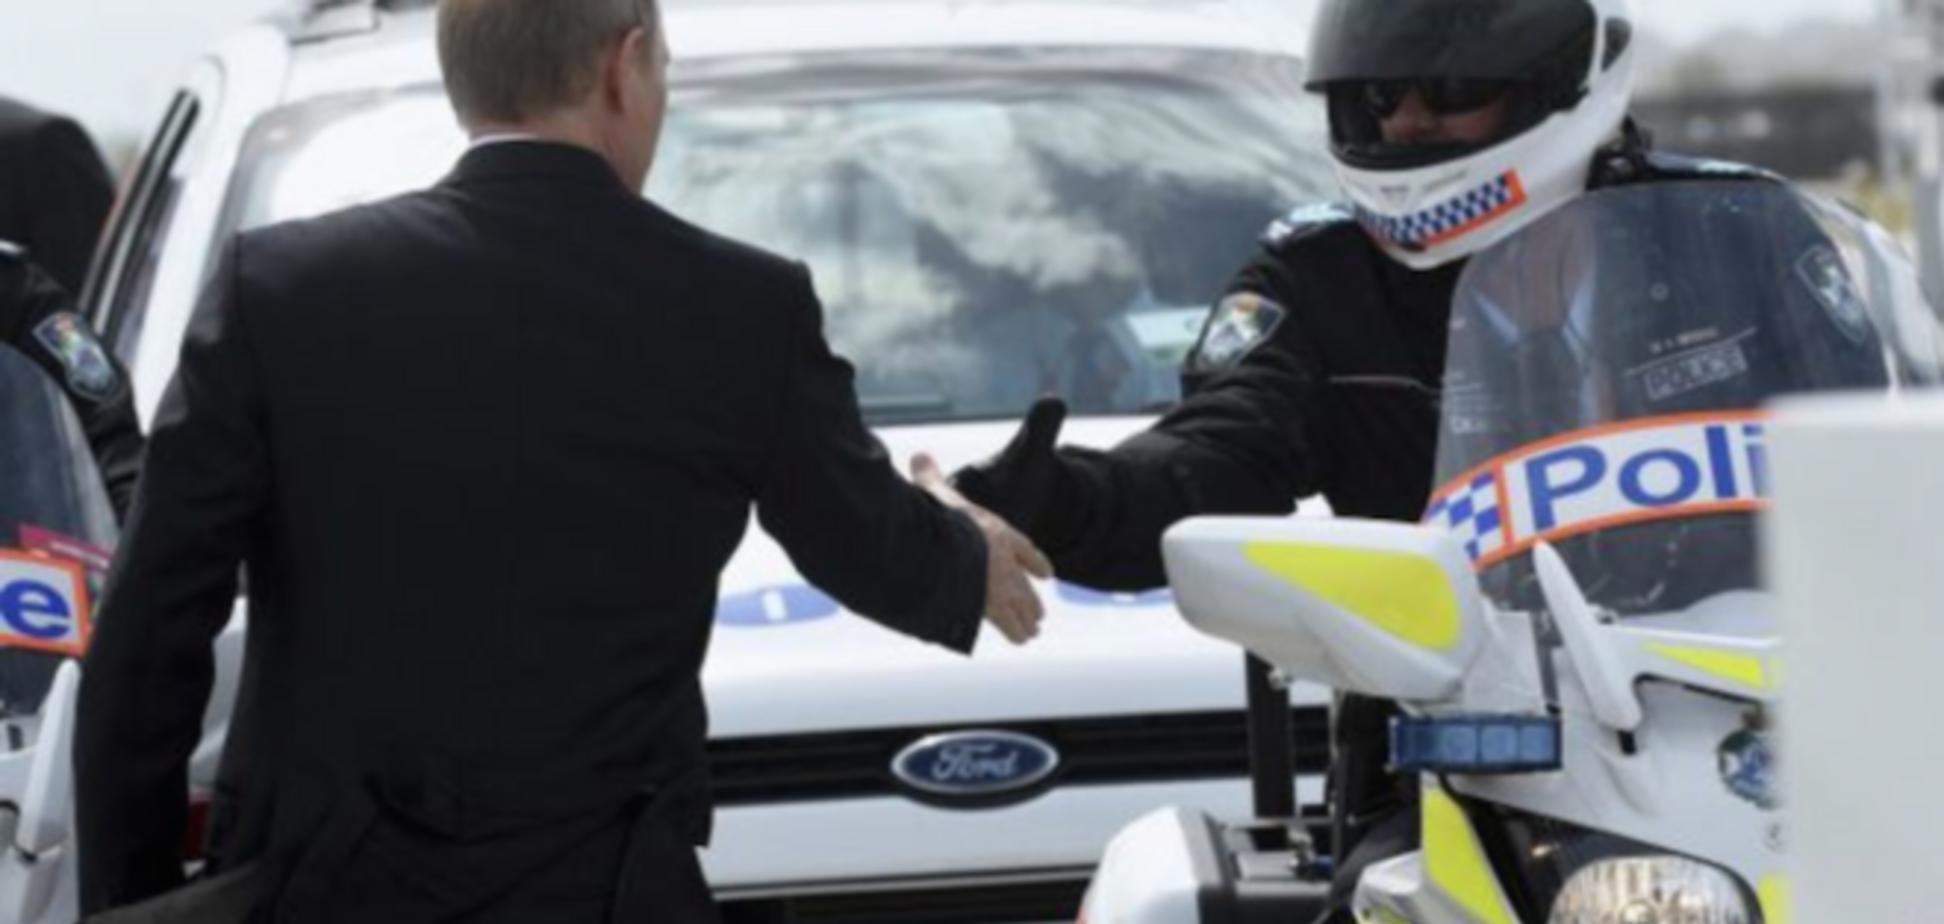 Одиноко одинокий одиночка: в сети высмеяли фото рукопожатия Путина и австралийского полицейского